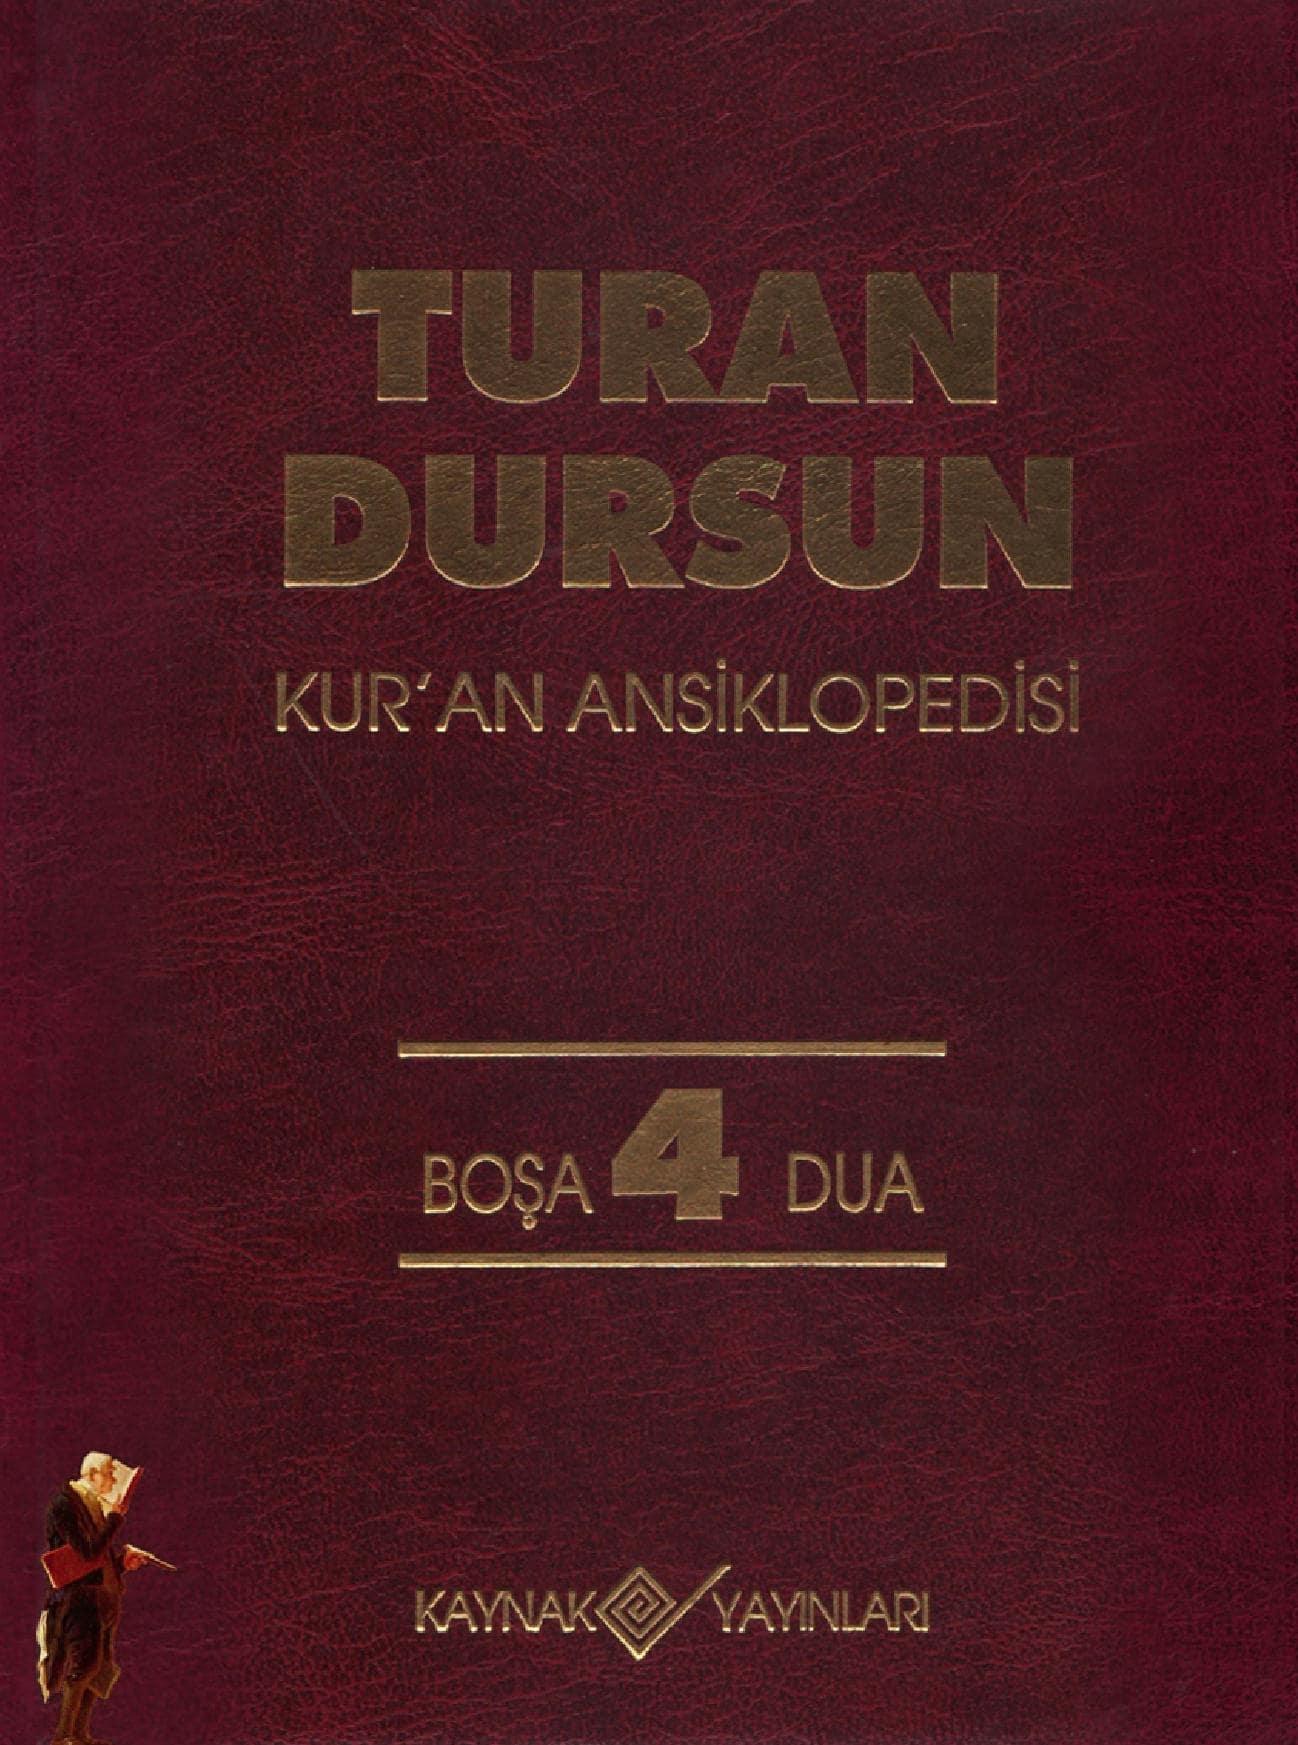 Turan Dursun. Kur'an Ansiklopedisi. 4. Cilt: Boşa-Dua (1994)